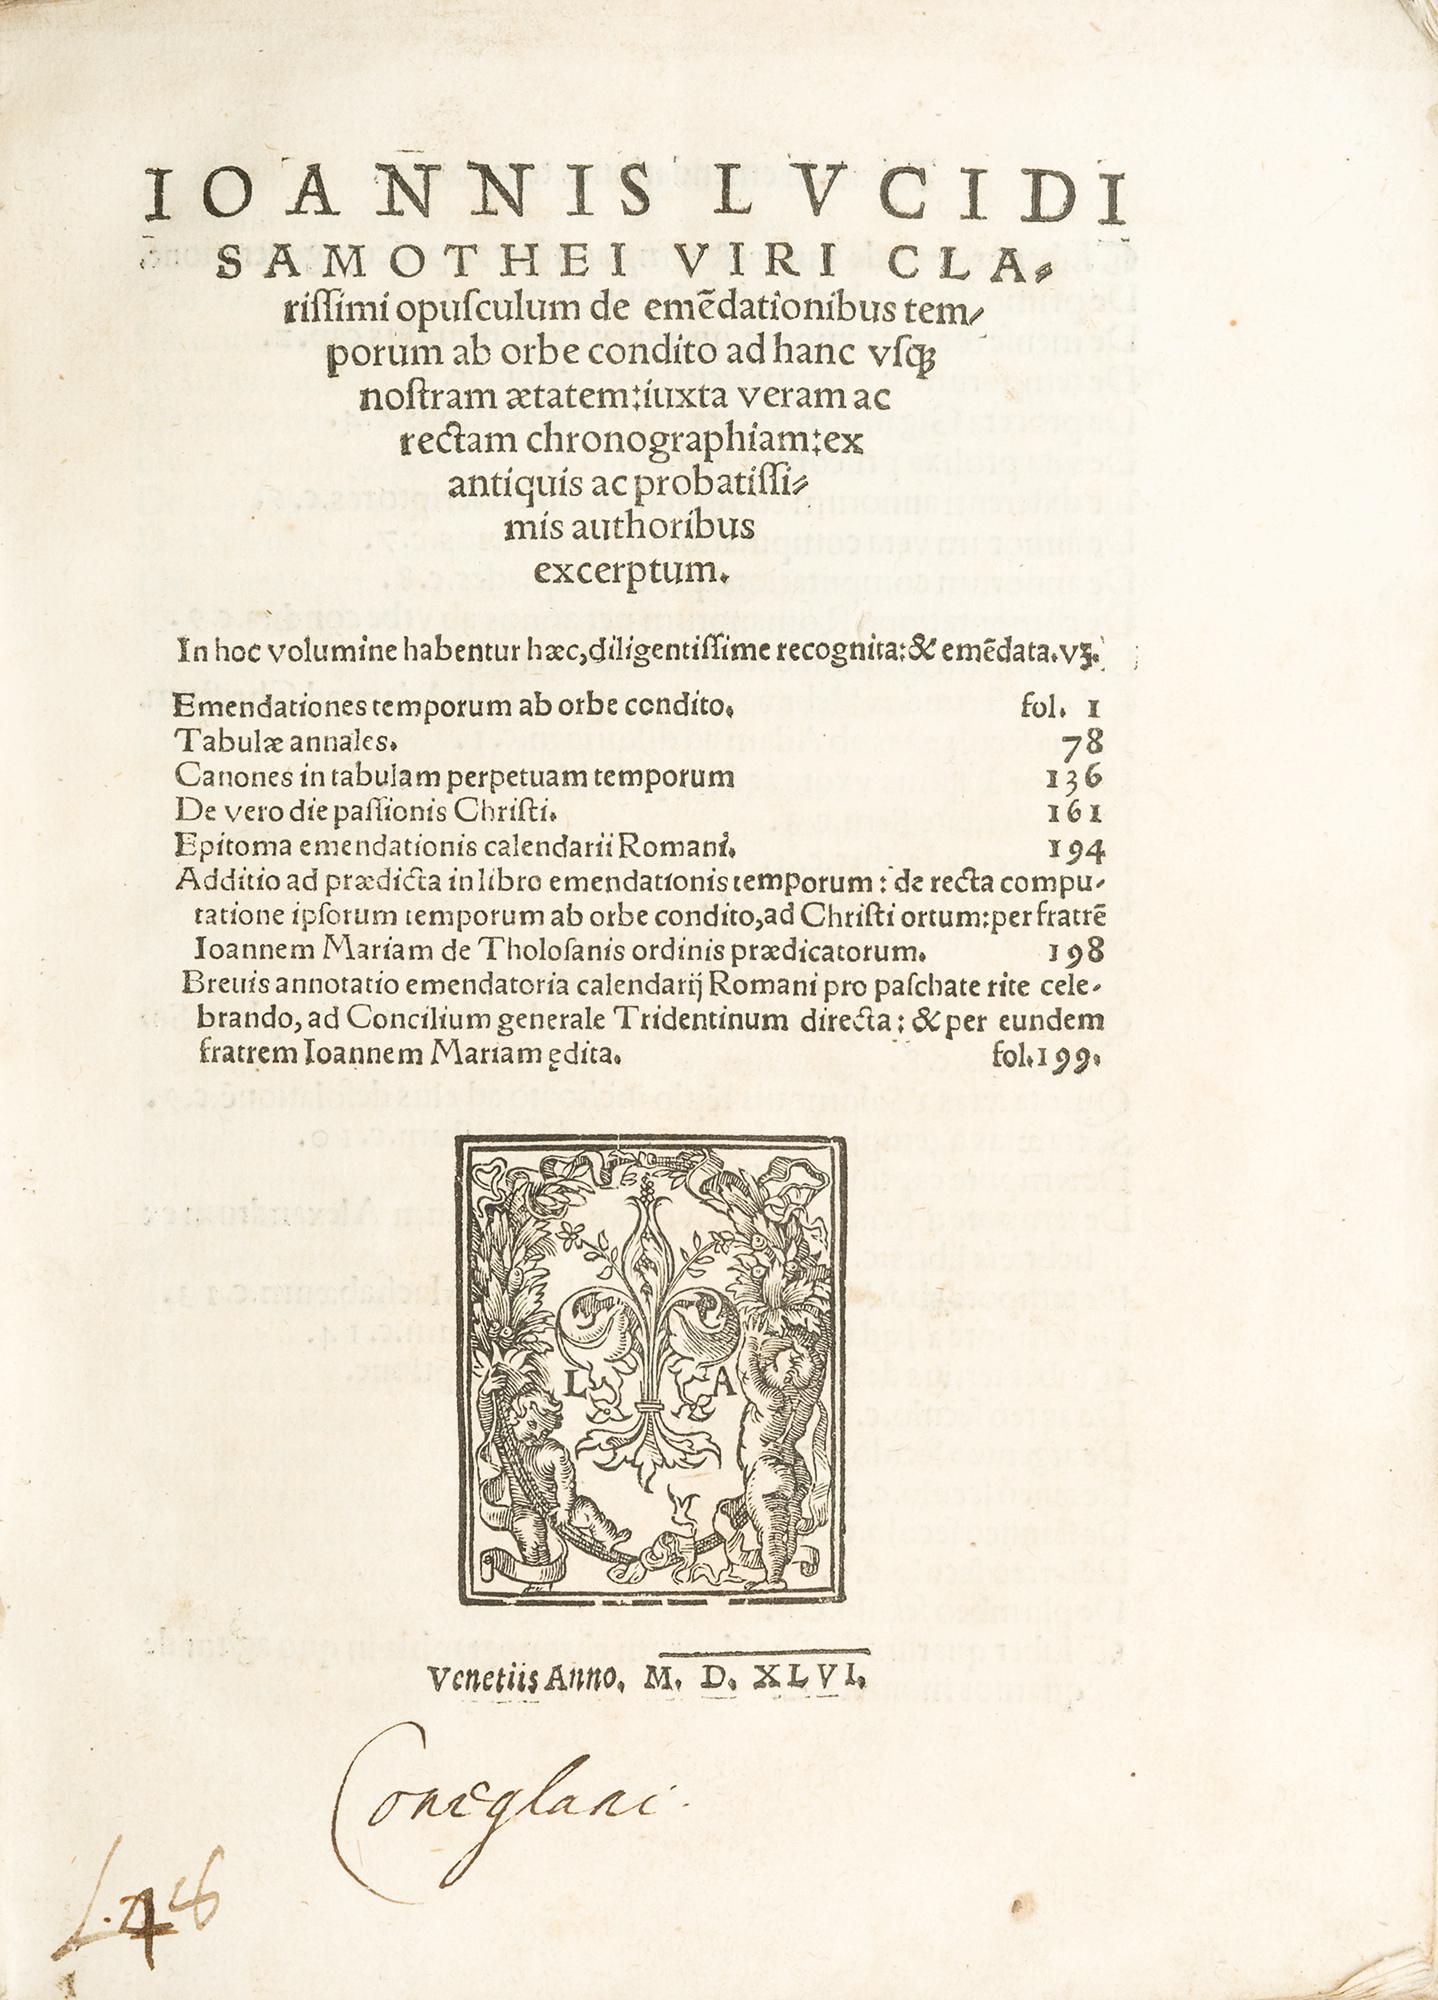 Ioannis Lucidi Samothei viri clarissimi Opusculum de emendationibus temporum ab orbe condito ad hanc vsque nostram aetatem, iuxta veram ac rectam chronographiam